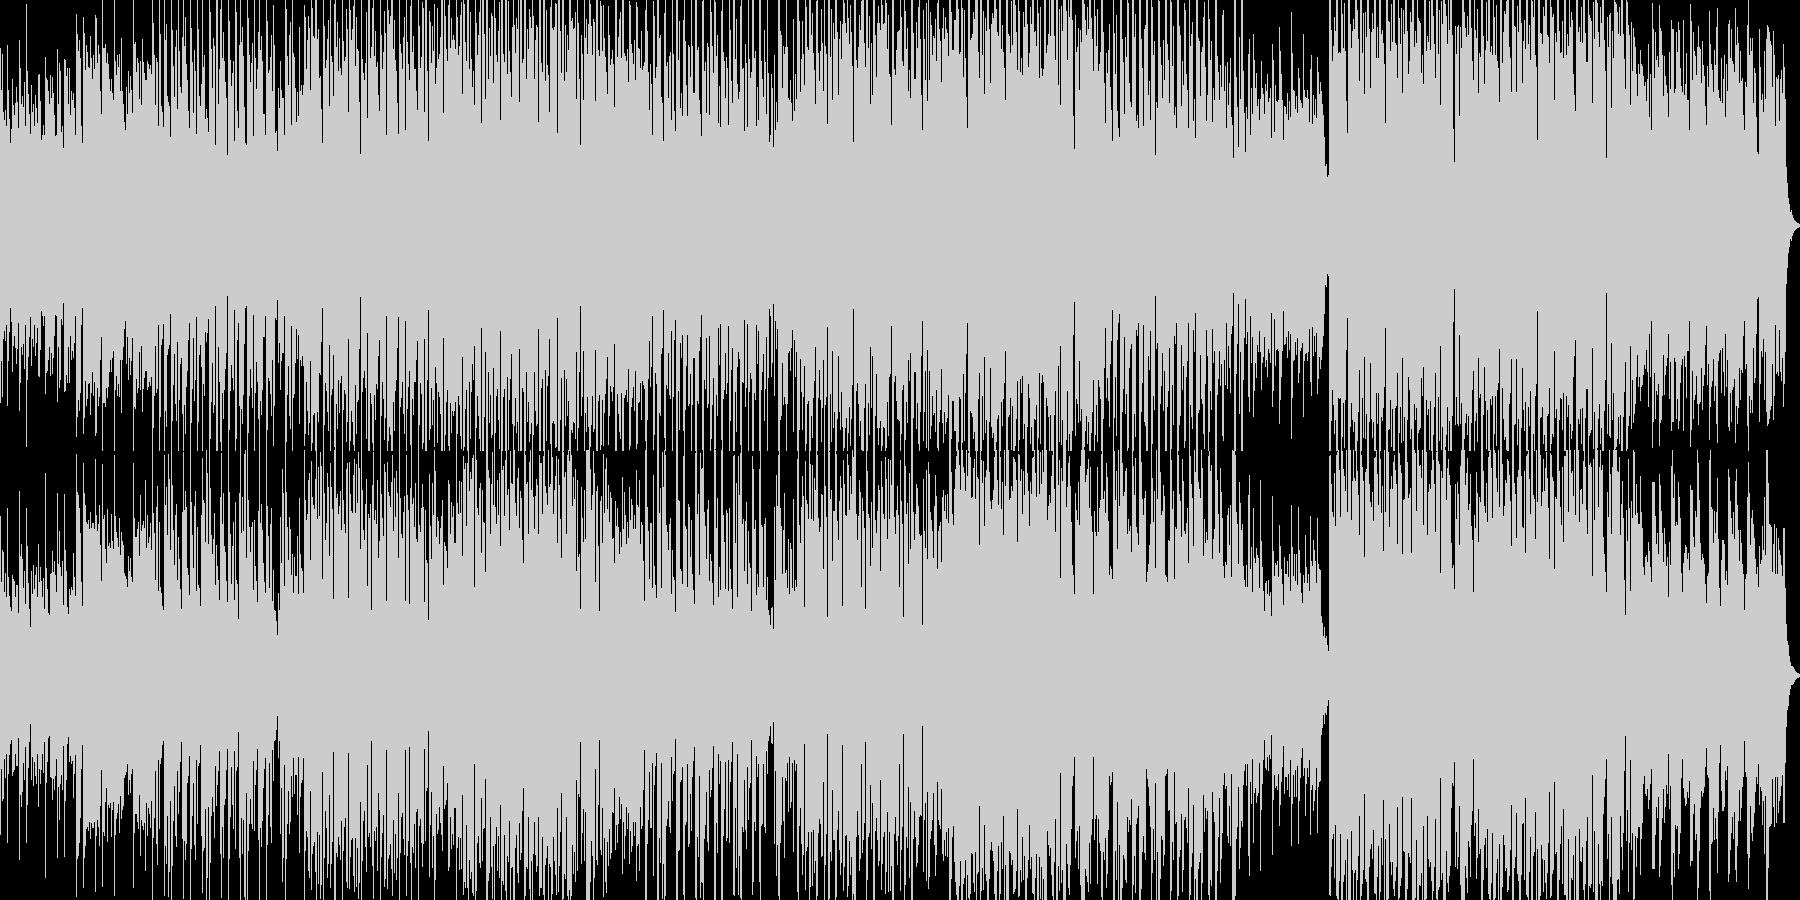 R&B風なPiano楽曲の未再生の波形